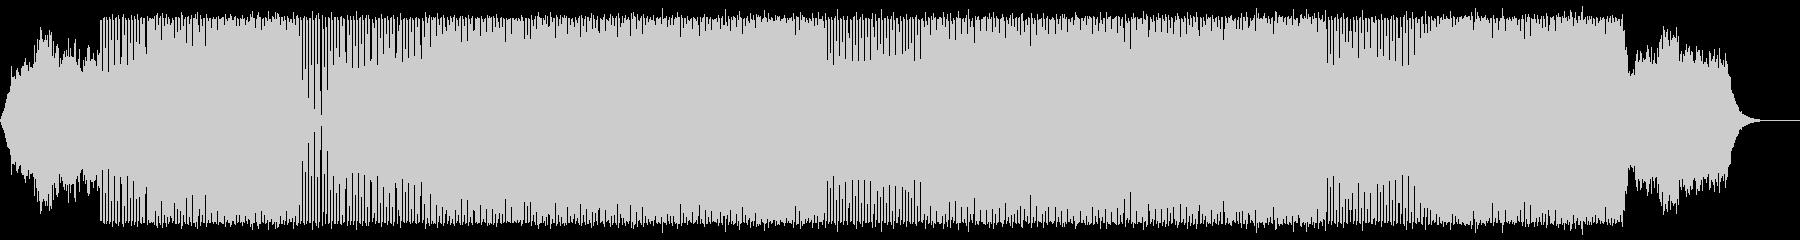 存在感有る低音、BGMに使いやすい中音域の未再生の波形